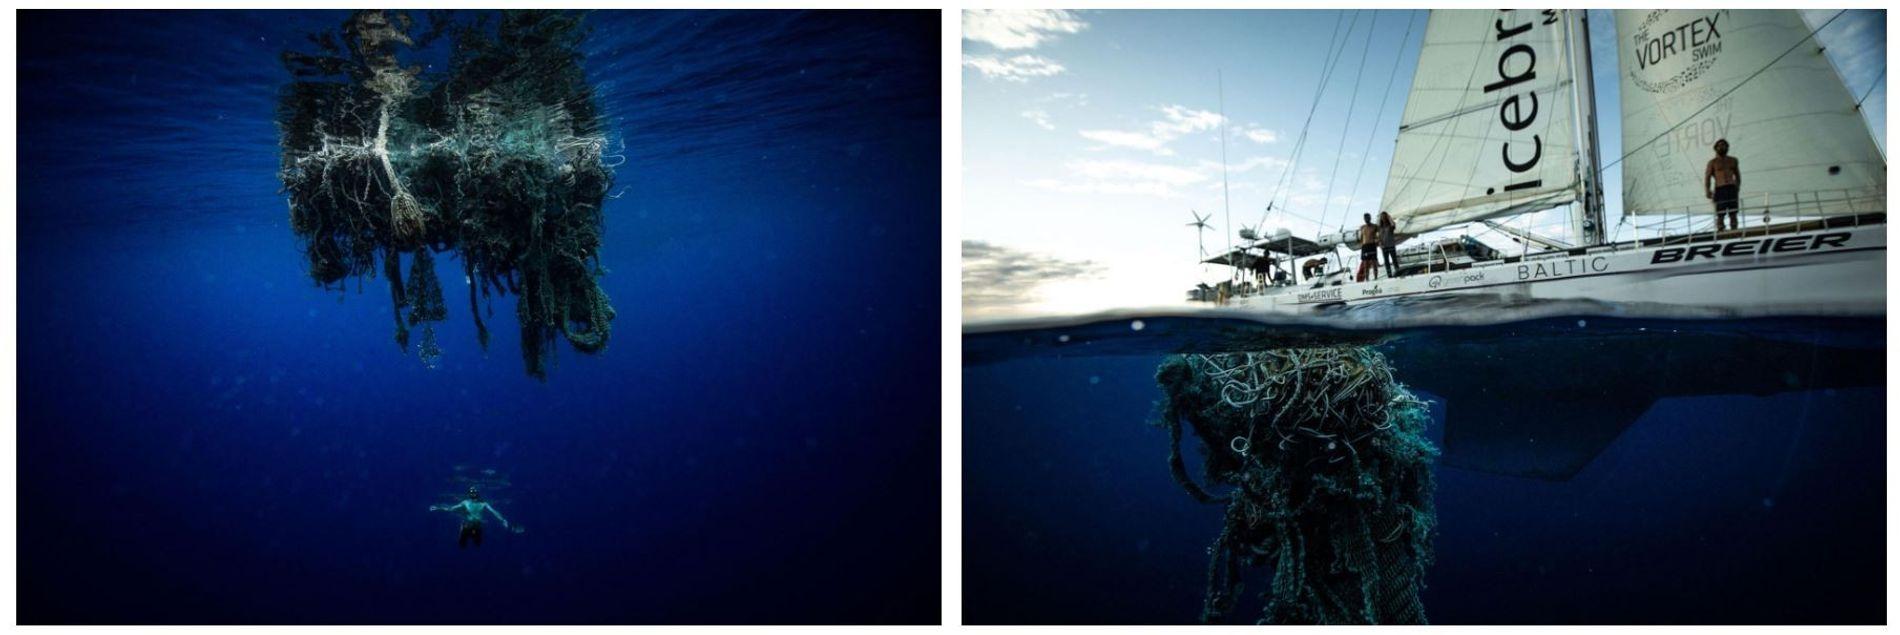 """Esquerda: Um membro da equipa de Lecomte a nadar debaixo de uma """"rede fantasma"""", uma rede de pesca perdida ou atirada ao mar pelas tripulações de embarcações pesqueiras. As redes enleiam-se na vida marinha e, por vezes, afastam as criaturas dos ecossistemas costeiros, levando-as para o mar alto. Direita: O veleiro de 20 metros de Lecomte, a sua base durante as longas semanas de natação, desliza sobre uma """"rede fantasma"""". No Depósito de Lixo, muitos dos detritos encontrados pela equipa são materiais de pesca abandonados."""